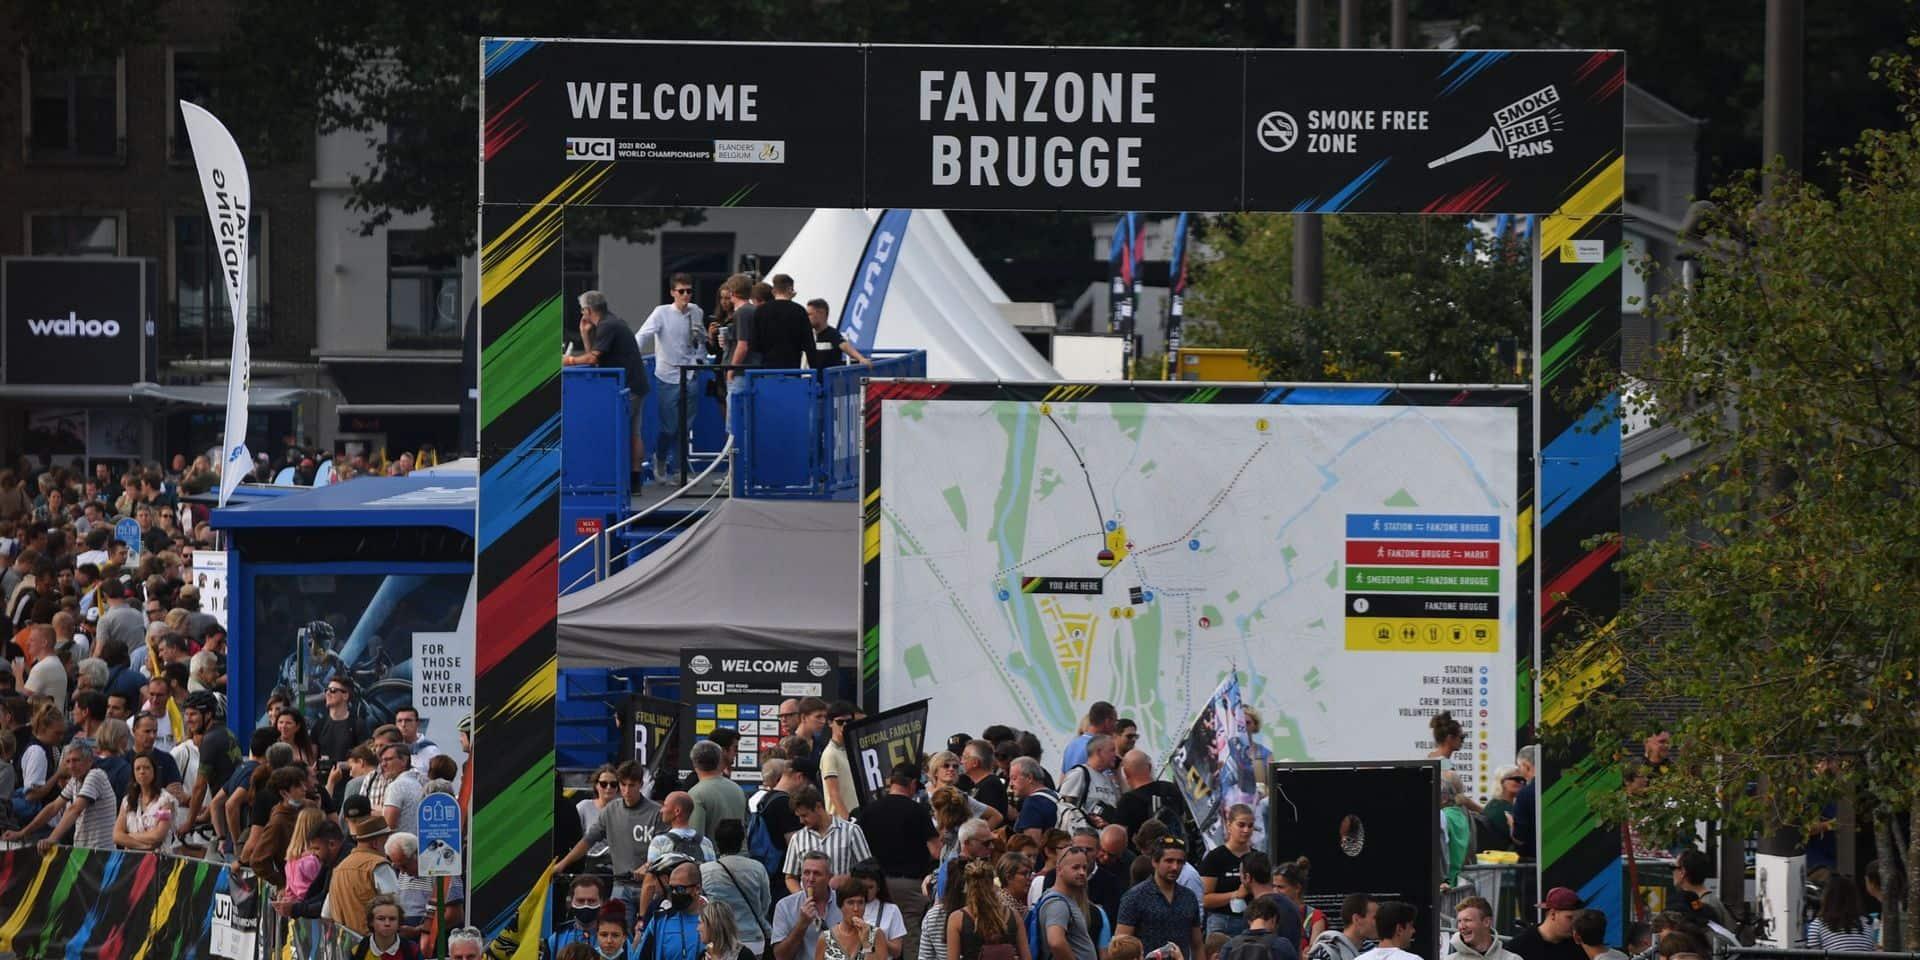 Concours : remportez des places VIP pour suivre le championnat du monde de cyclisme !